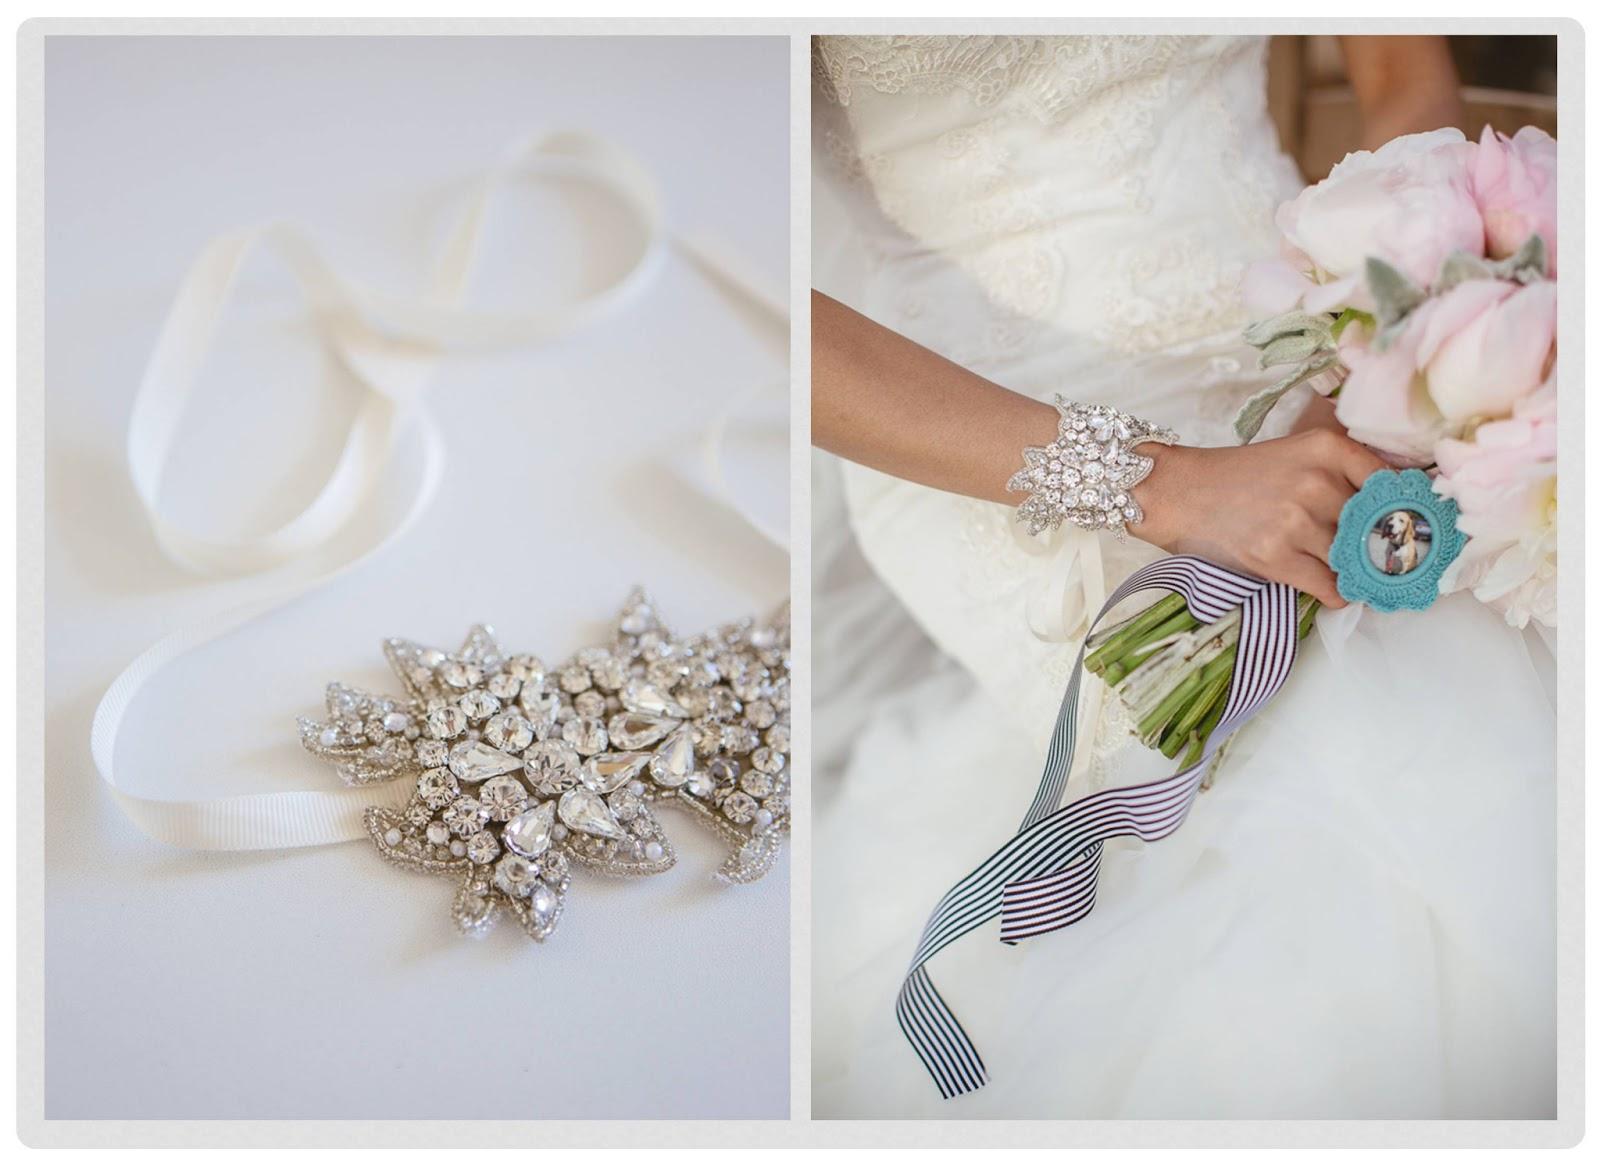 DIY Wedding Arm Candy | Mia Loves Pretty